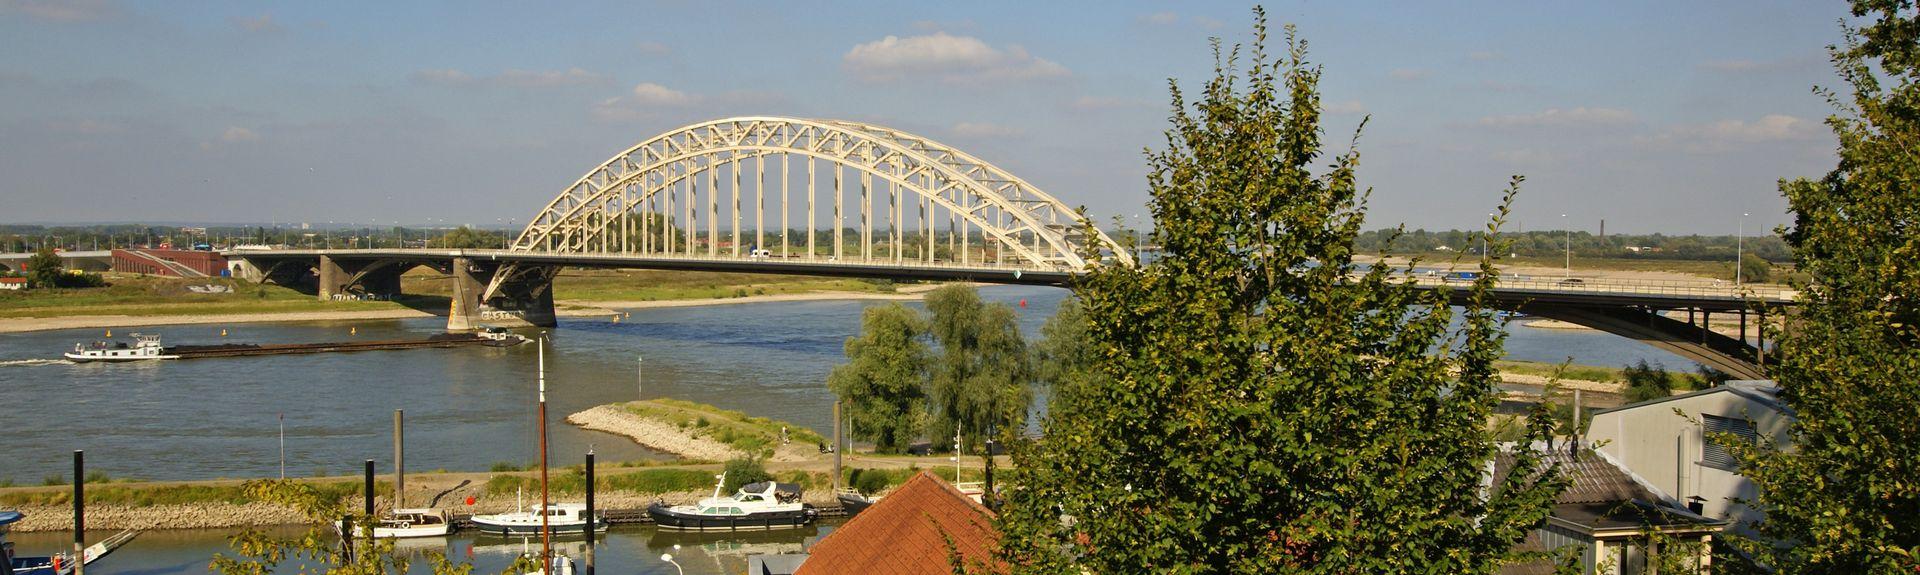 Plasmolen, Limburg, Nederland